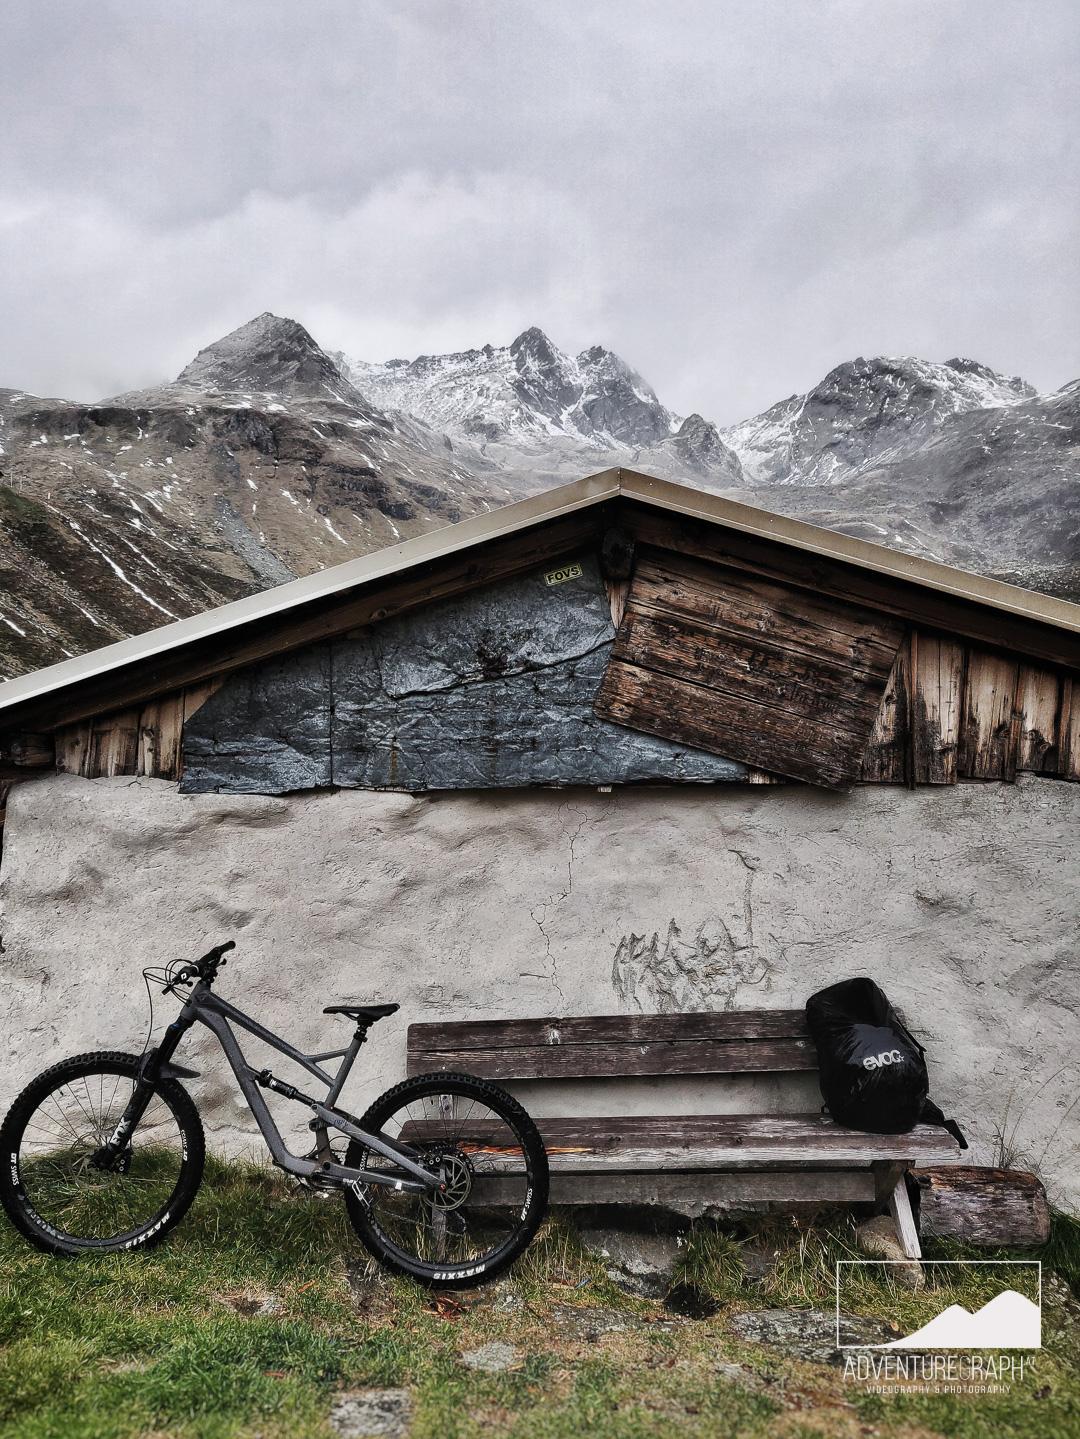 Enduro Tour in regnerischen Alpen.